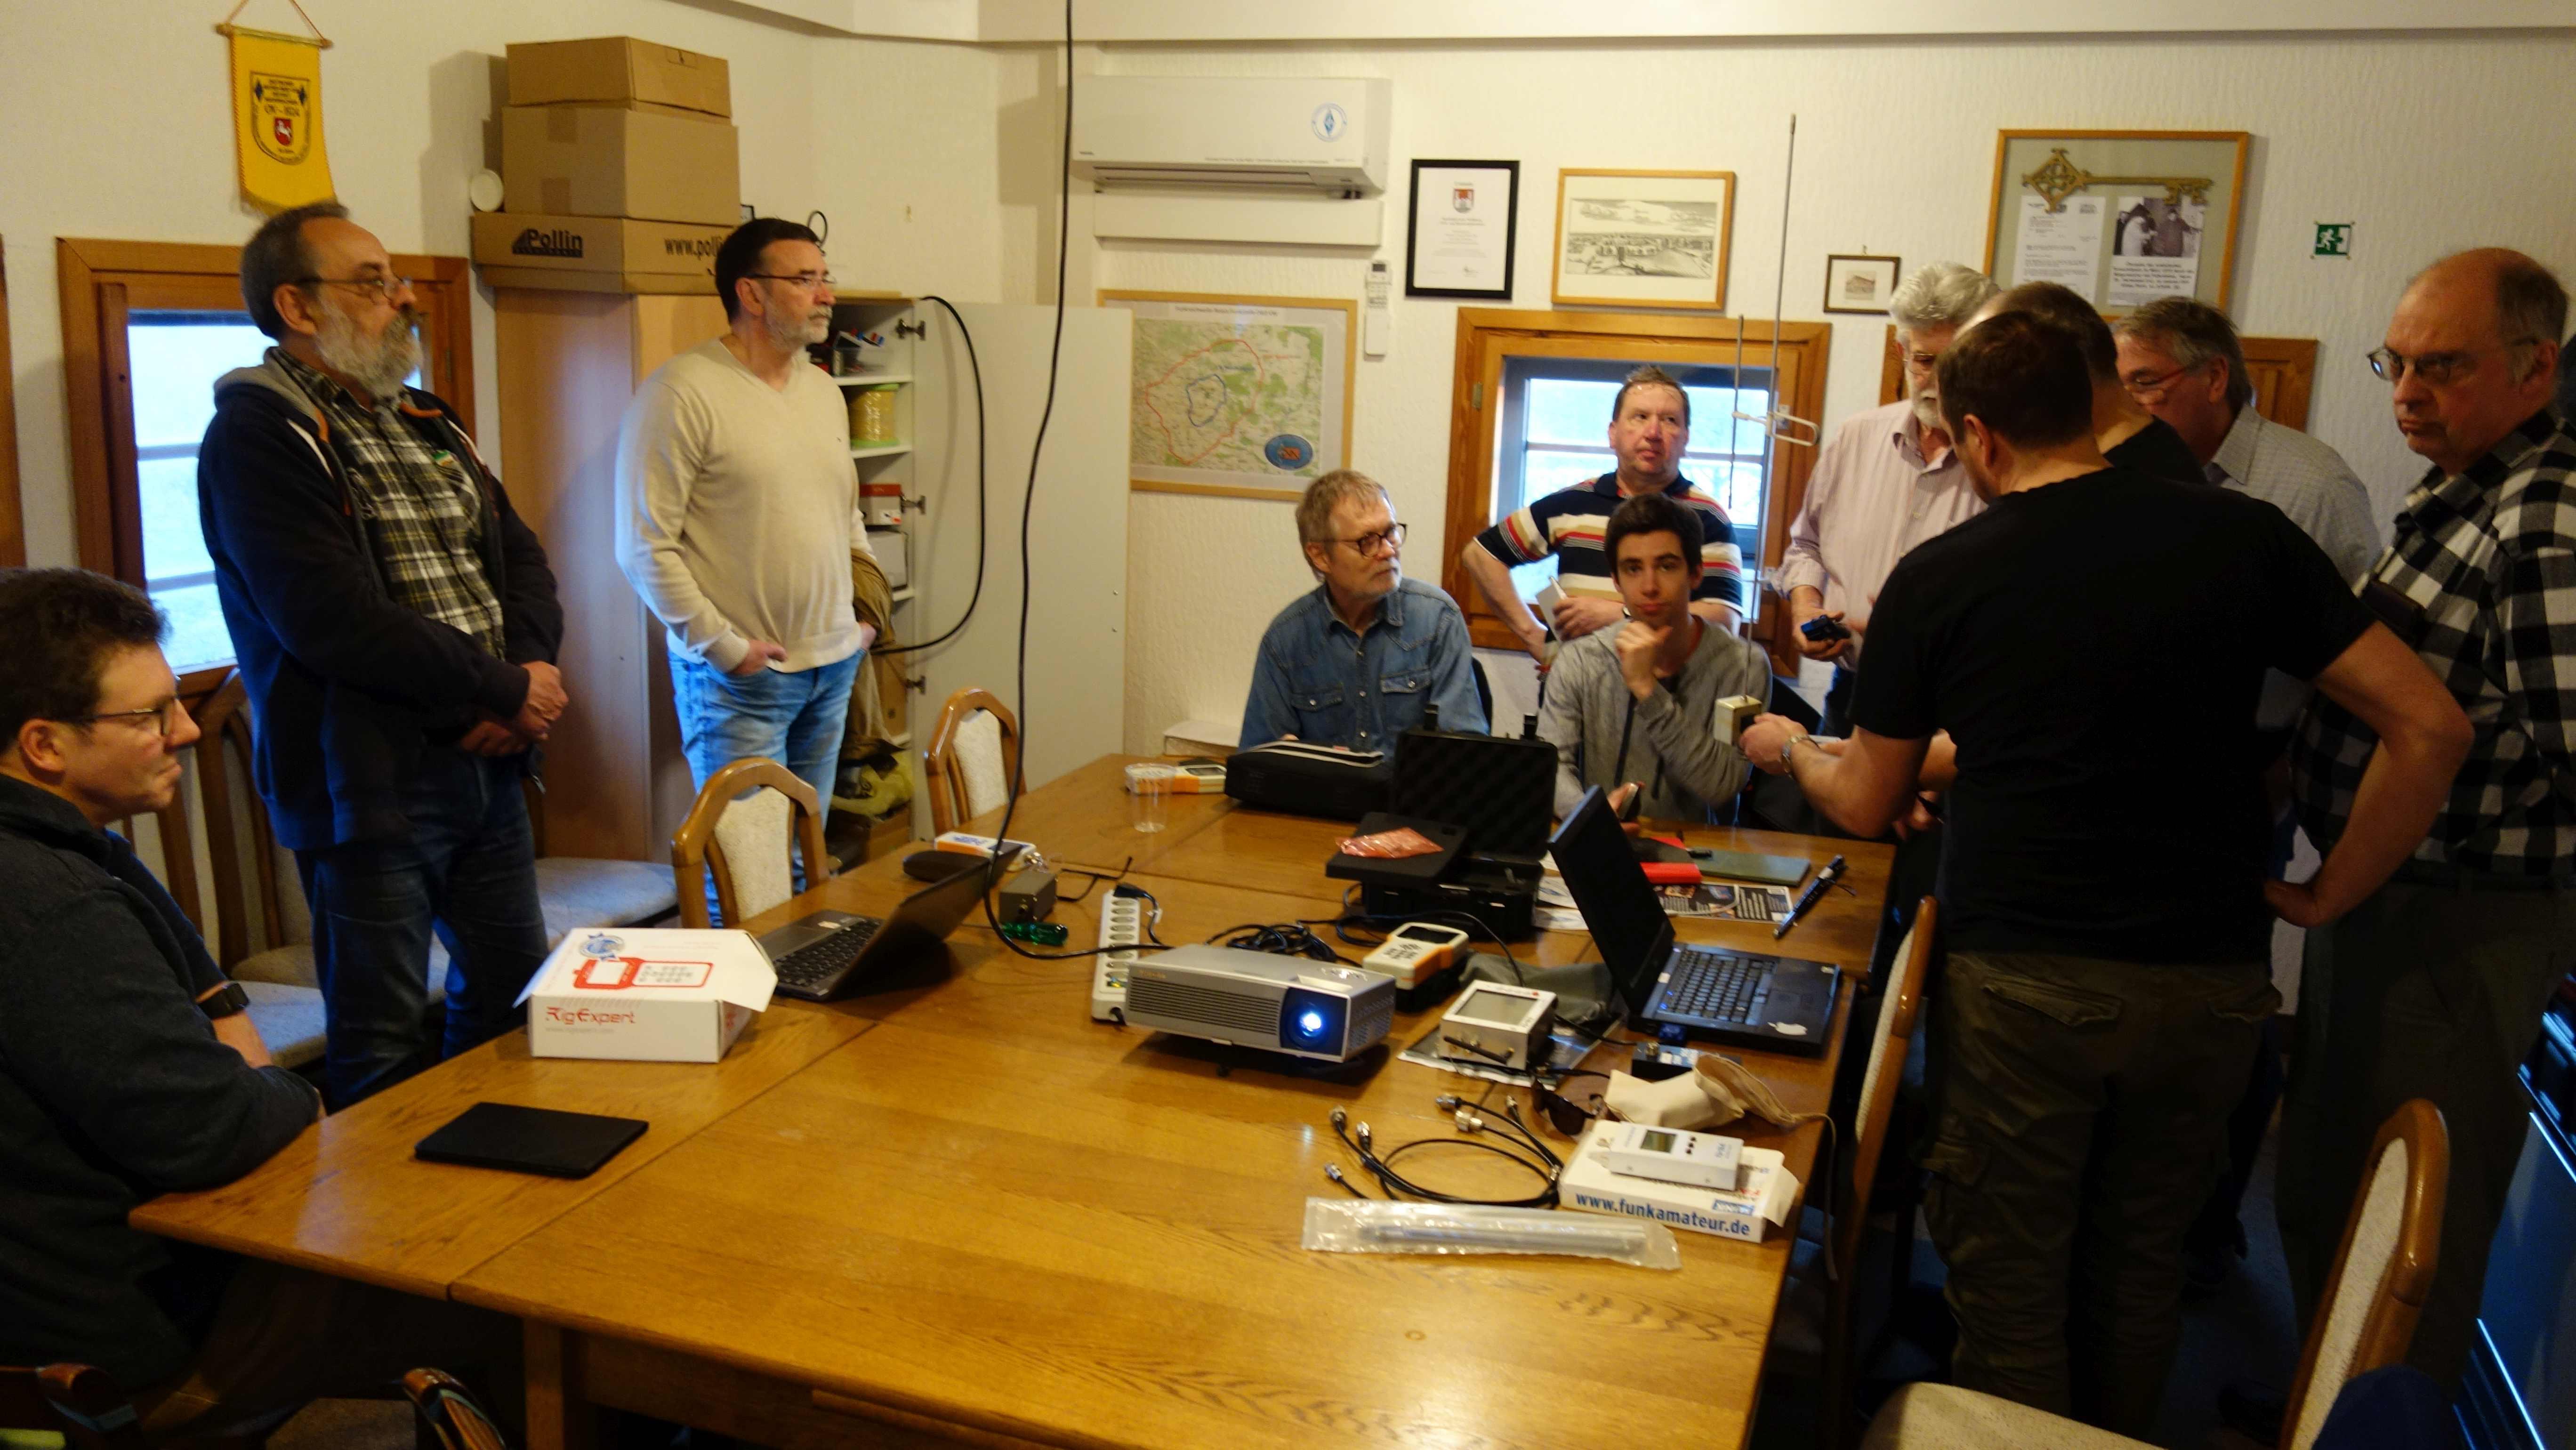 Aktivitätstag mit viel Antennen-Messtechnik im Wasserturm